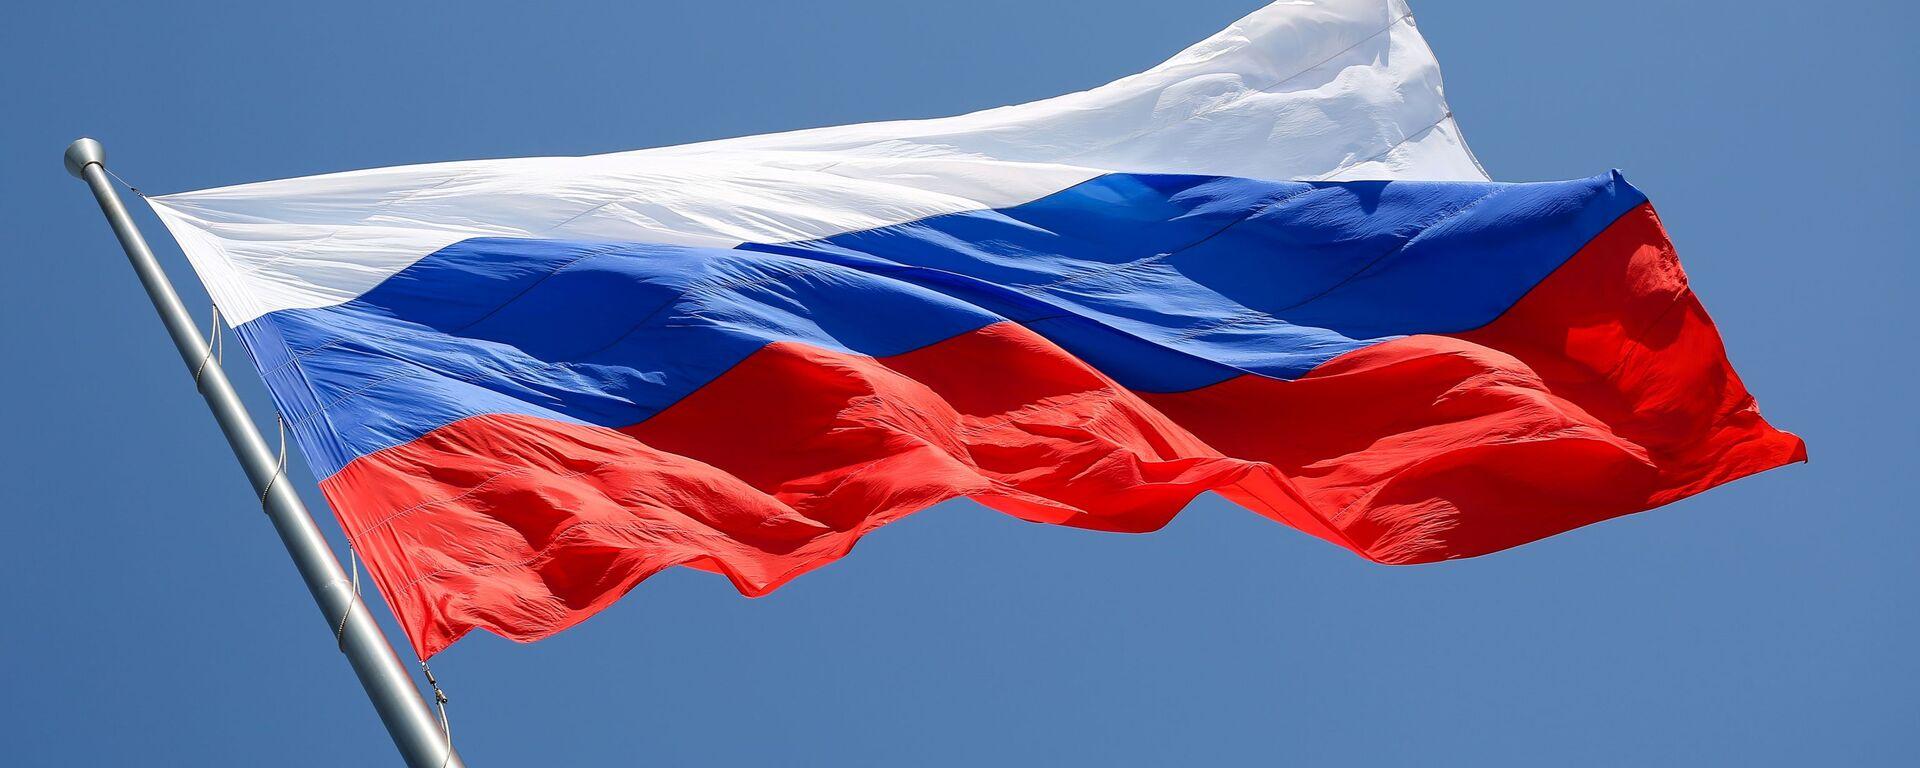 La bandera de la Federación de Rusia  - Sputnik Mundo, 1920, 19.03.2021